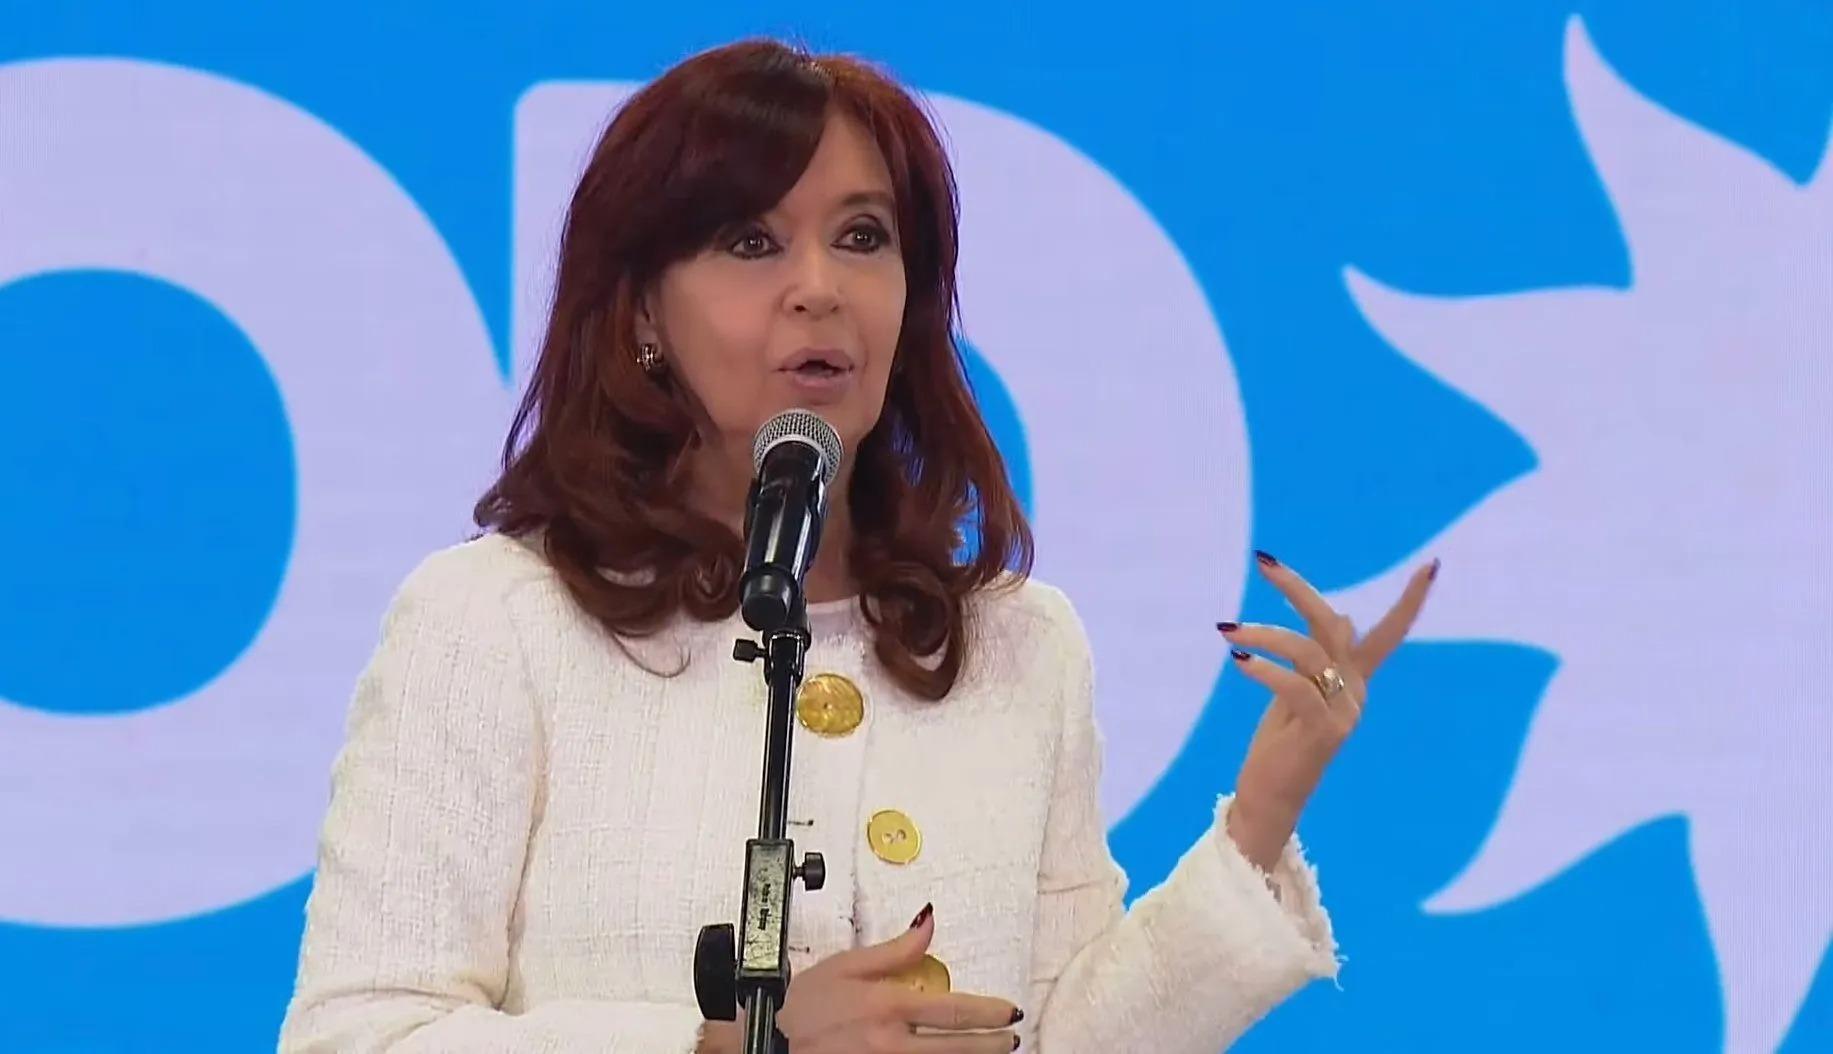 """Habló Cristina Kirchner tras la crisis institucional: """"siempre remarqué la falta de efectividad en distintas áreas de gobierno"""""""